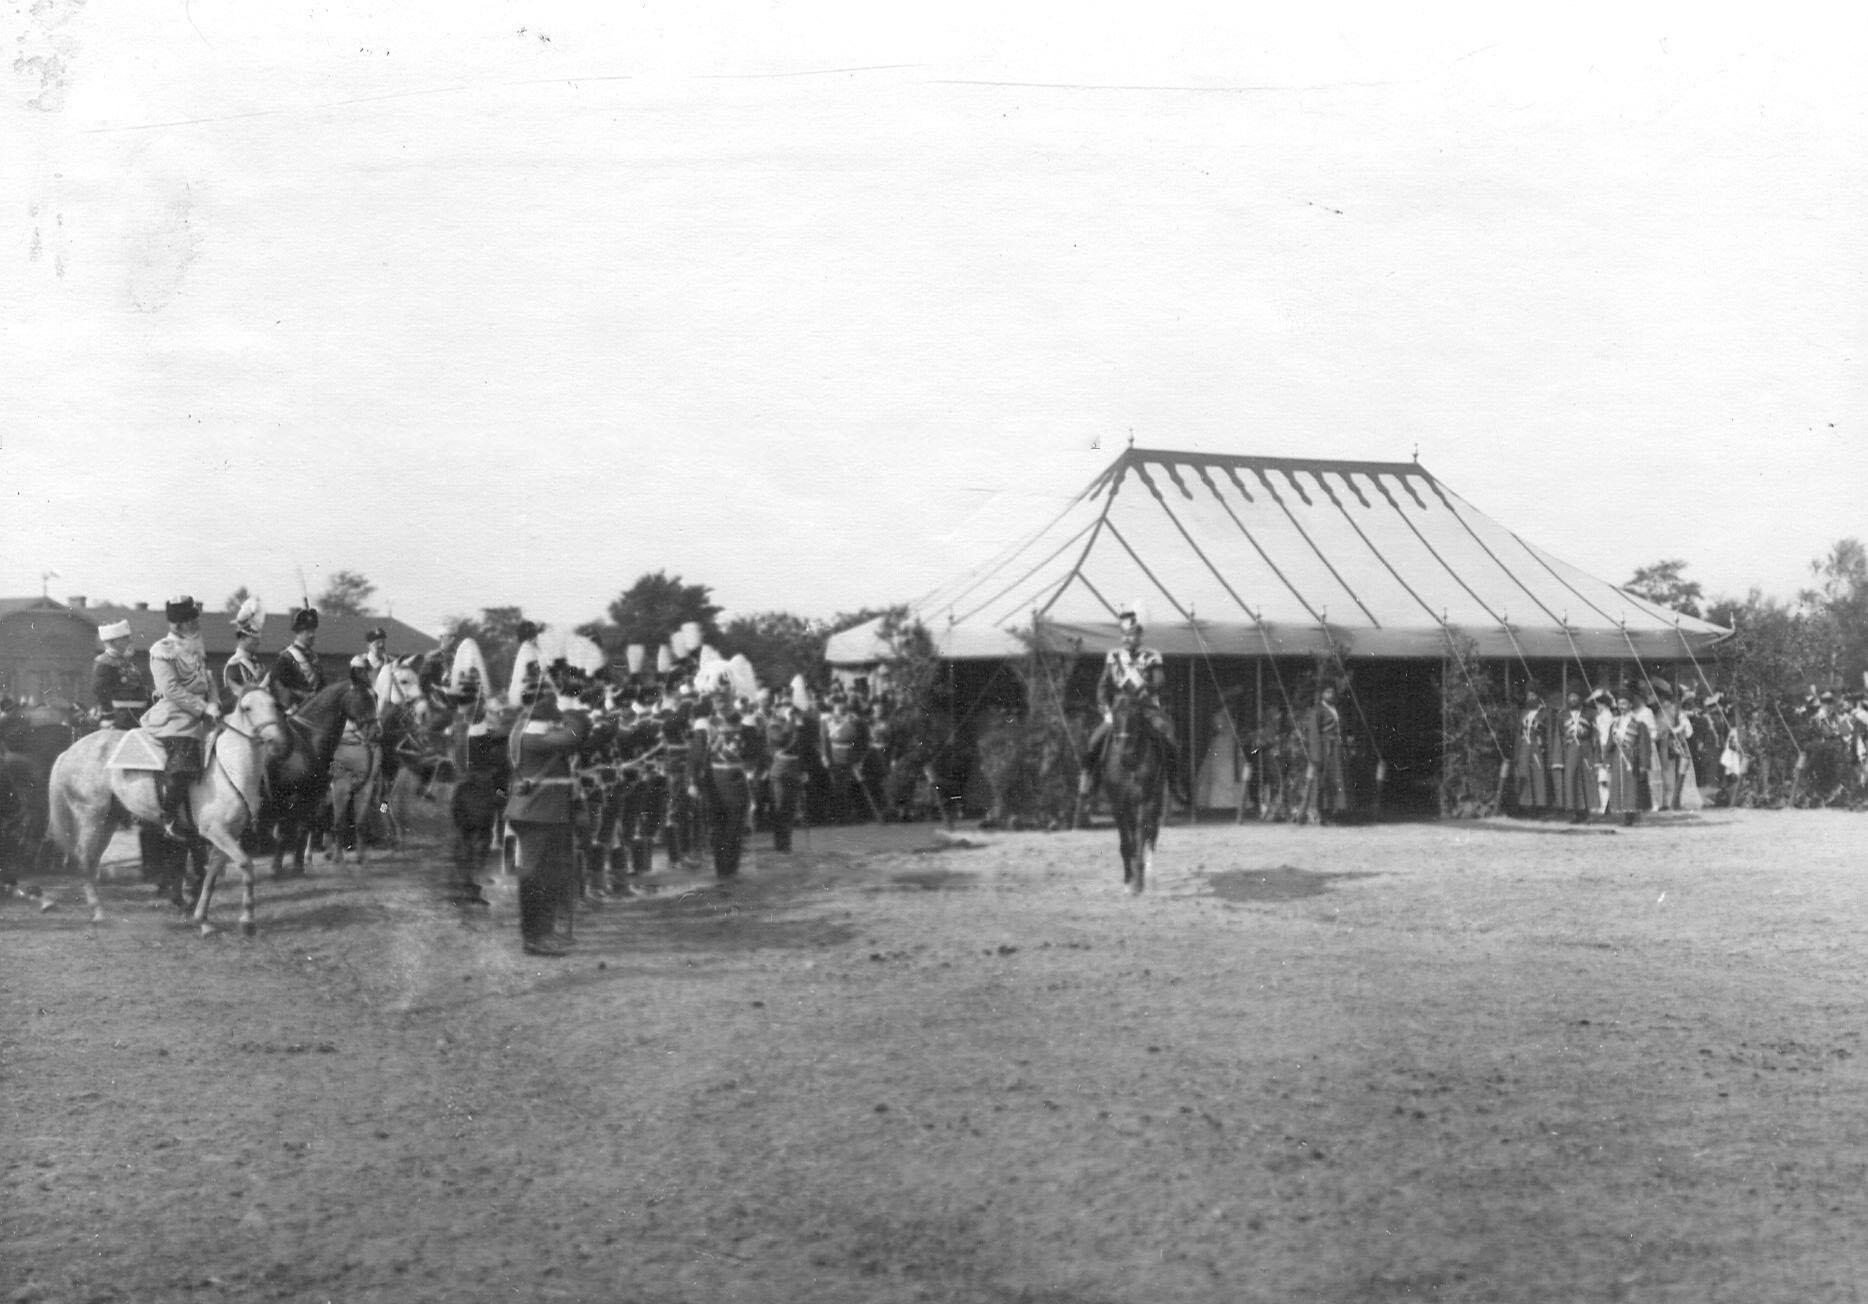 Император Николай II  объезжает германских гостей полка - гусар смерти, прибывших на празднование 250-летнего юбилея полка